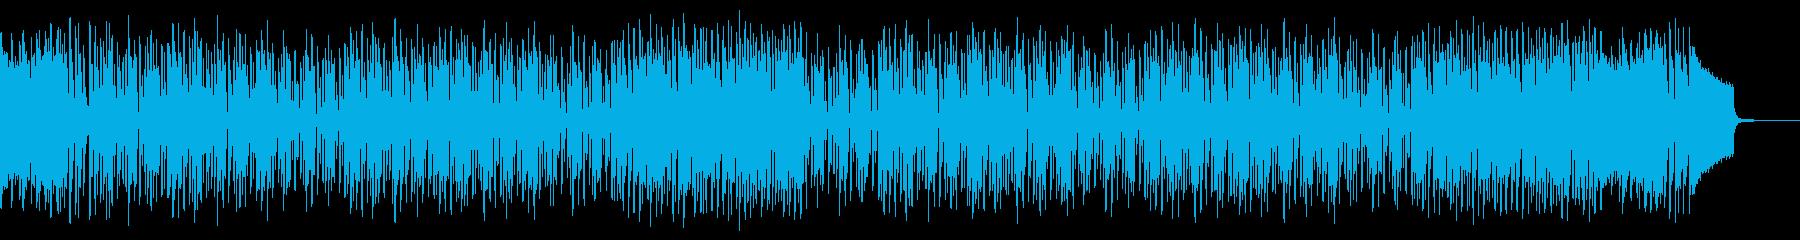 コメディー・バラエティー・コミカルの再生済みの波形